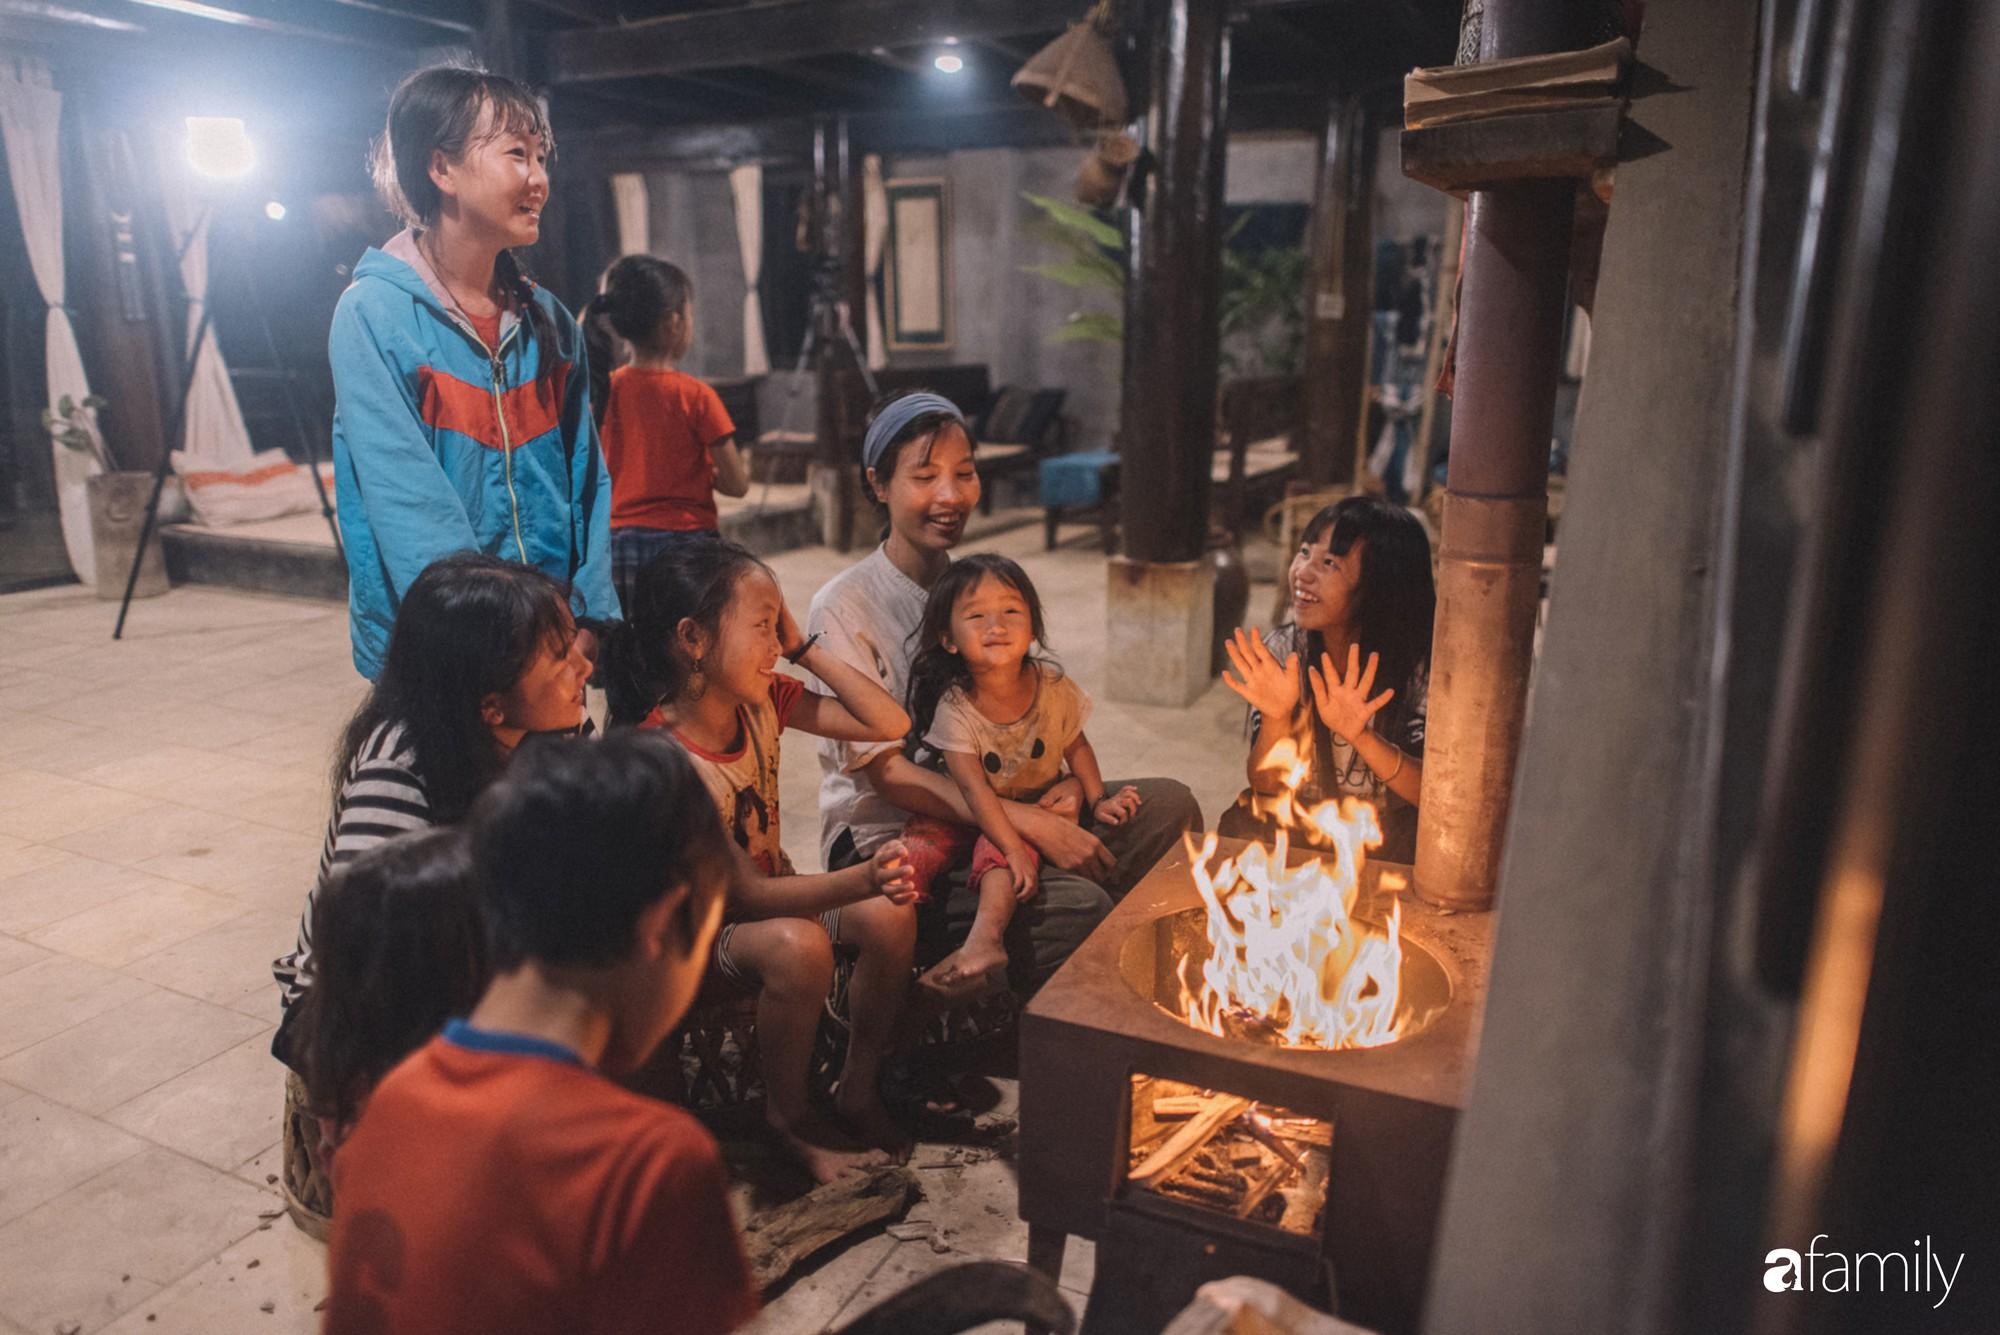 Cô designer bỏ Hà Nội lên rừng ẩn cư, ăn chay, lưu giữ thanh xuân rực rỡ qua những clip mỹ thực vạn người mê - Ảnh 26.